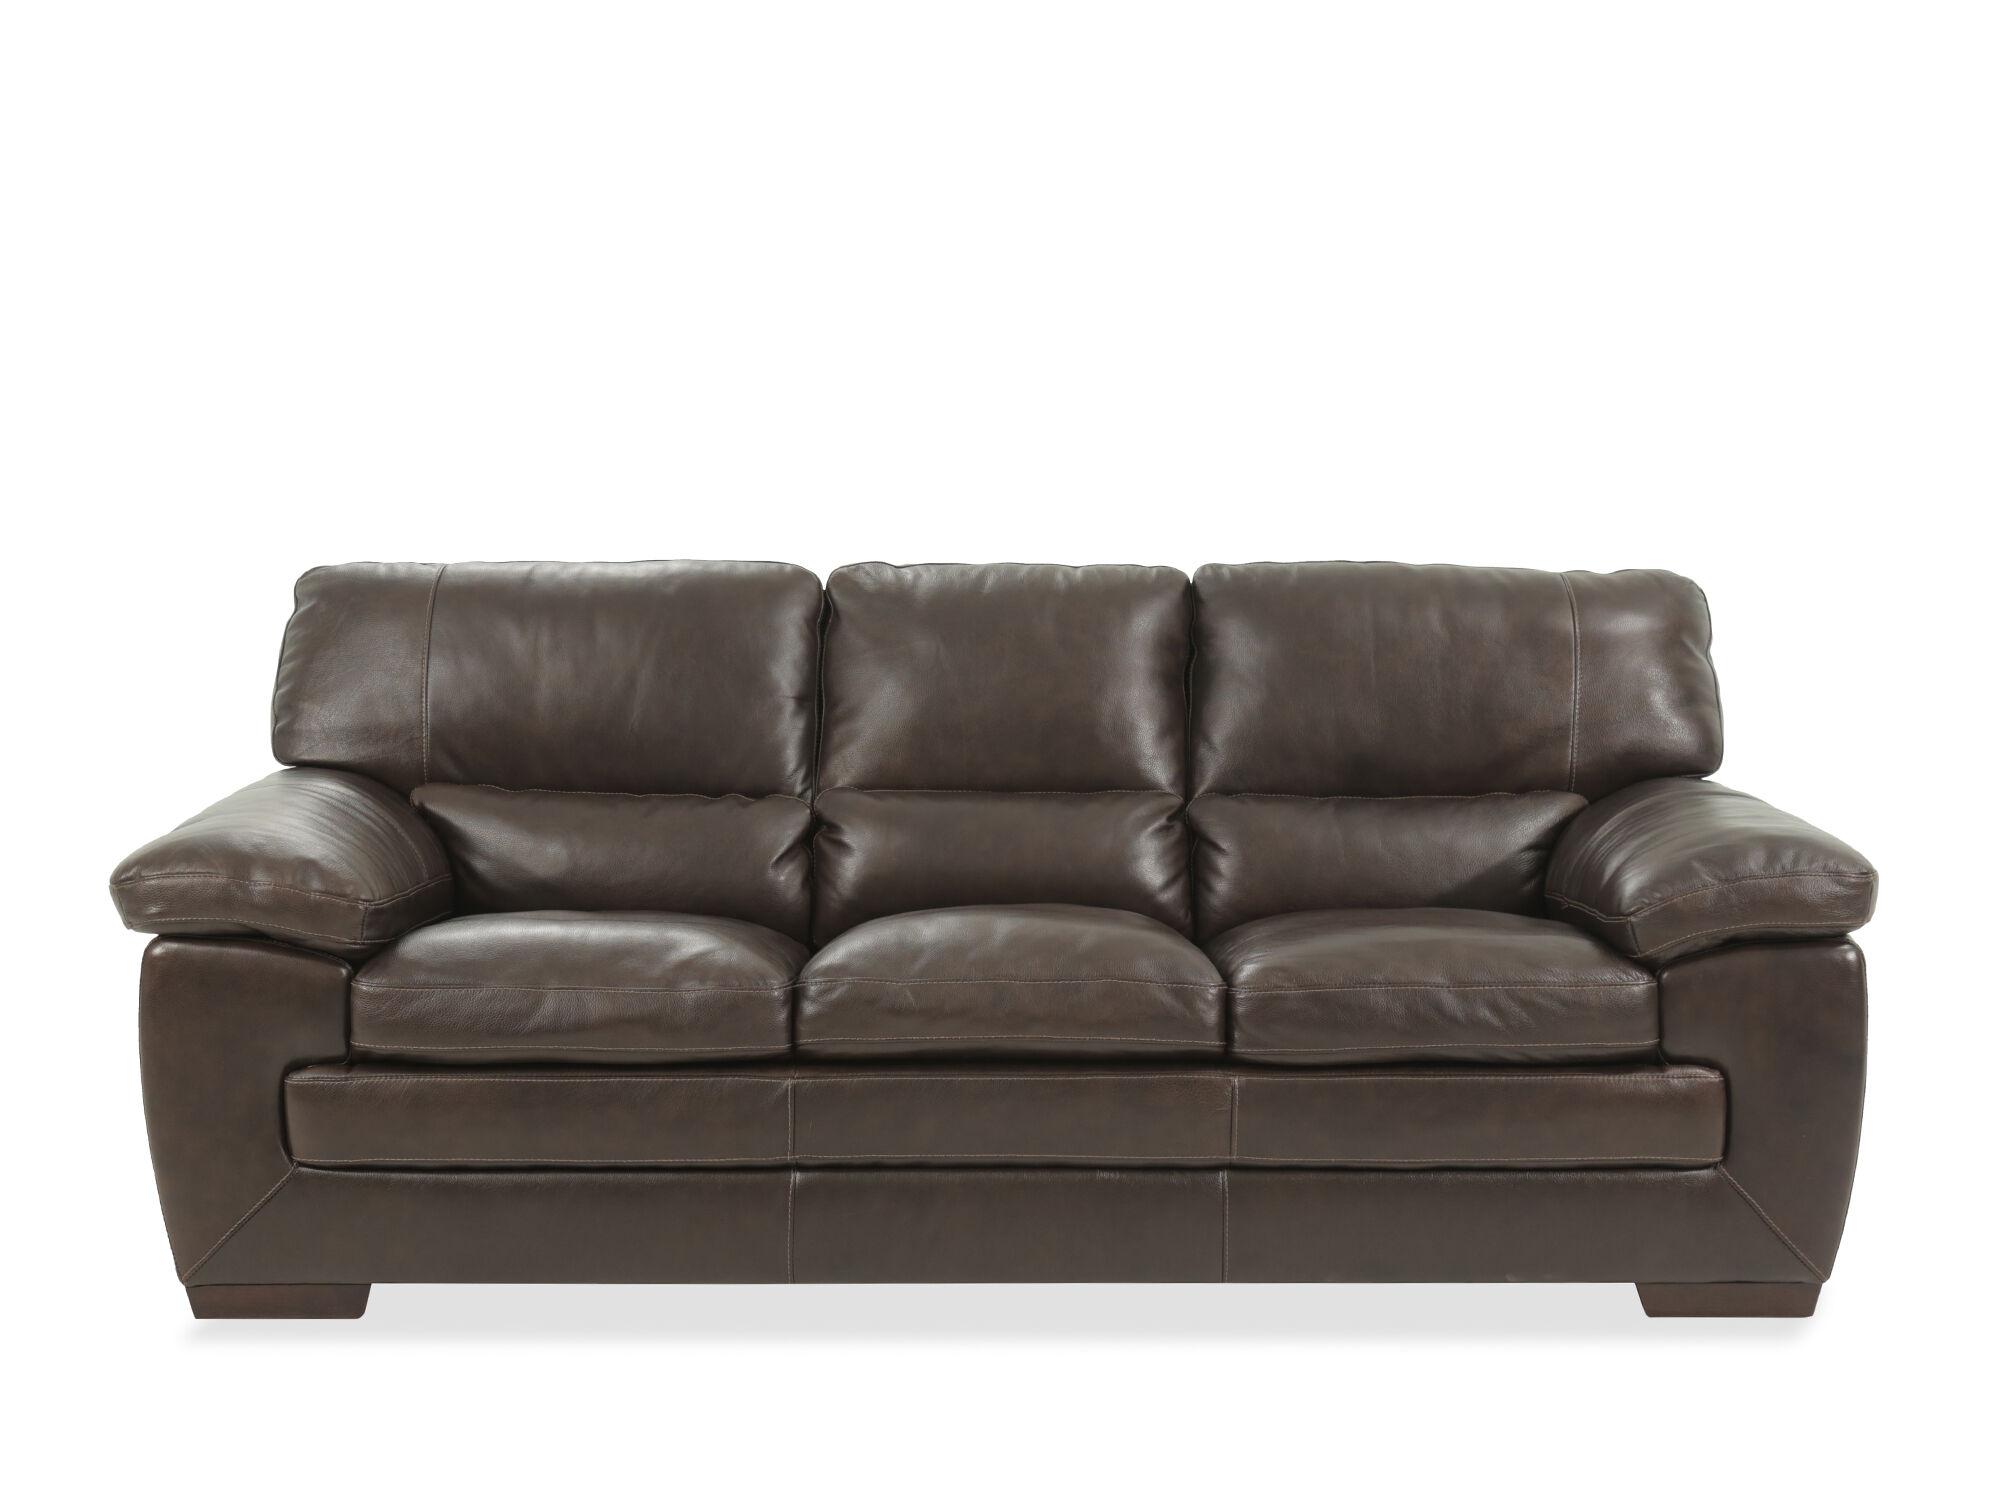 87u0026quot; Leather Sofa In Dark ...